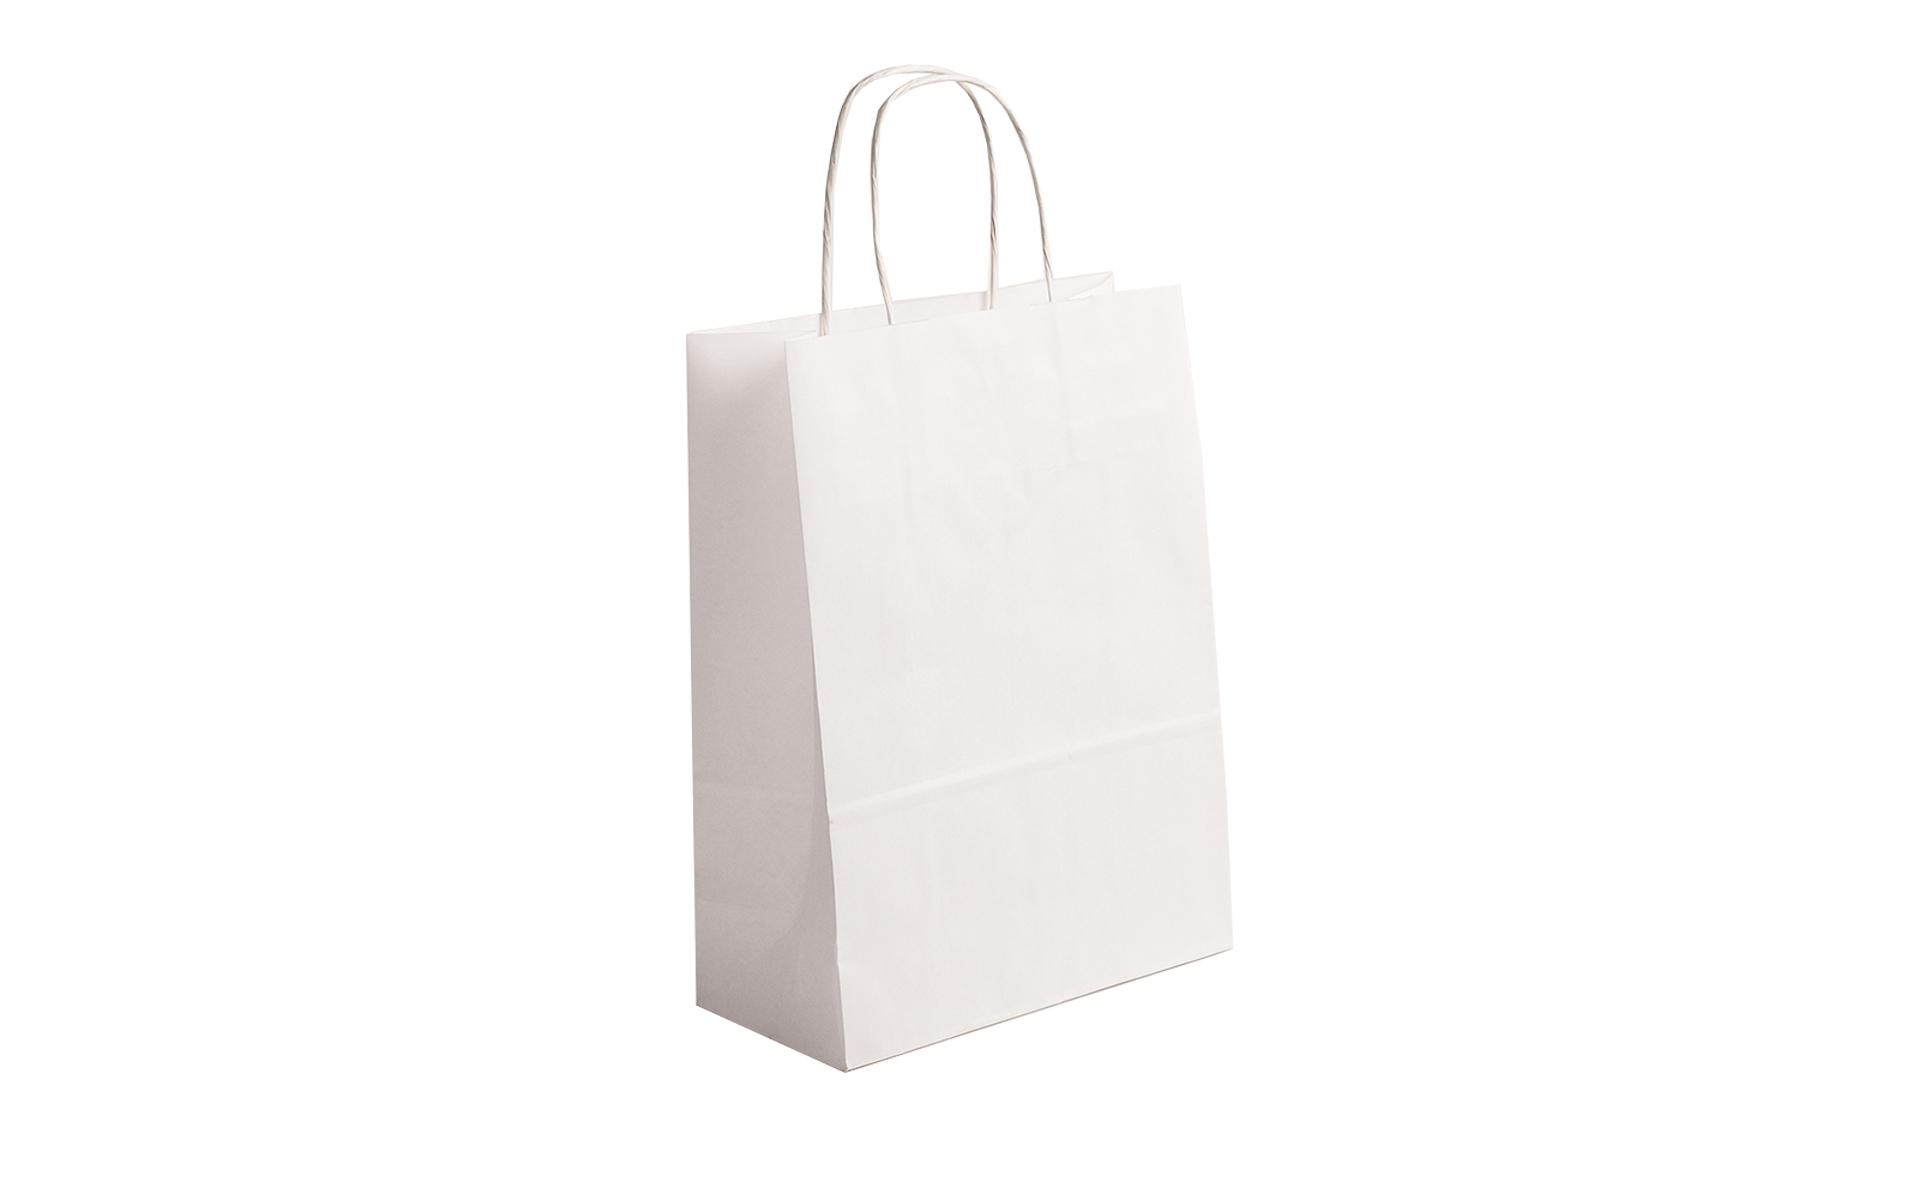 Bolsa blanca papel asa rizada 32x43